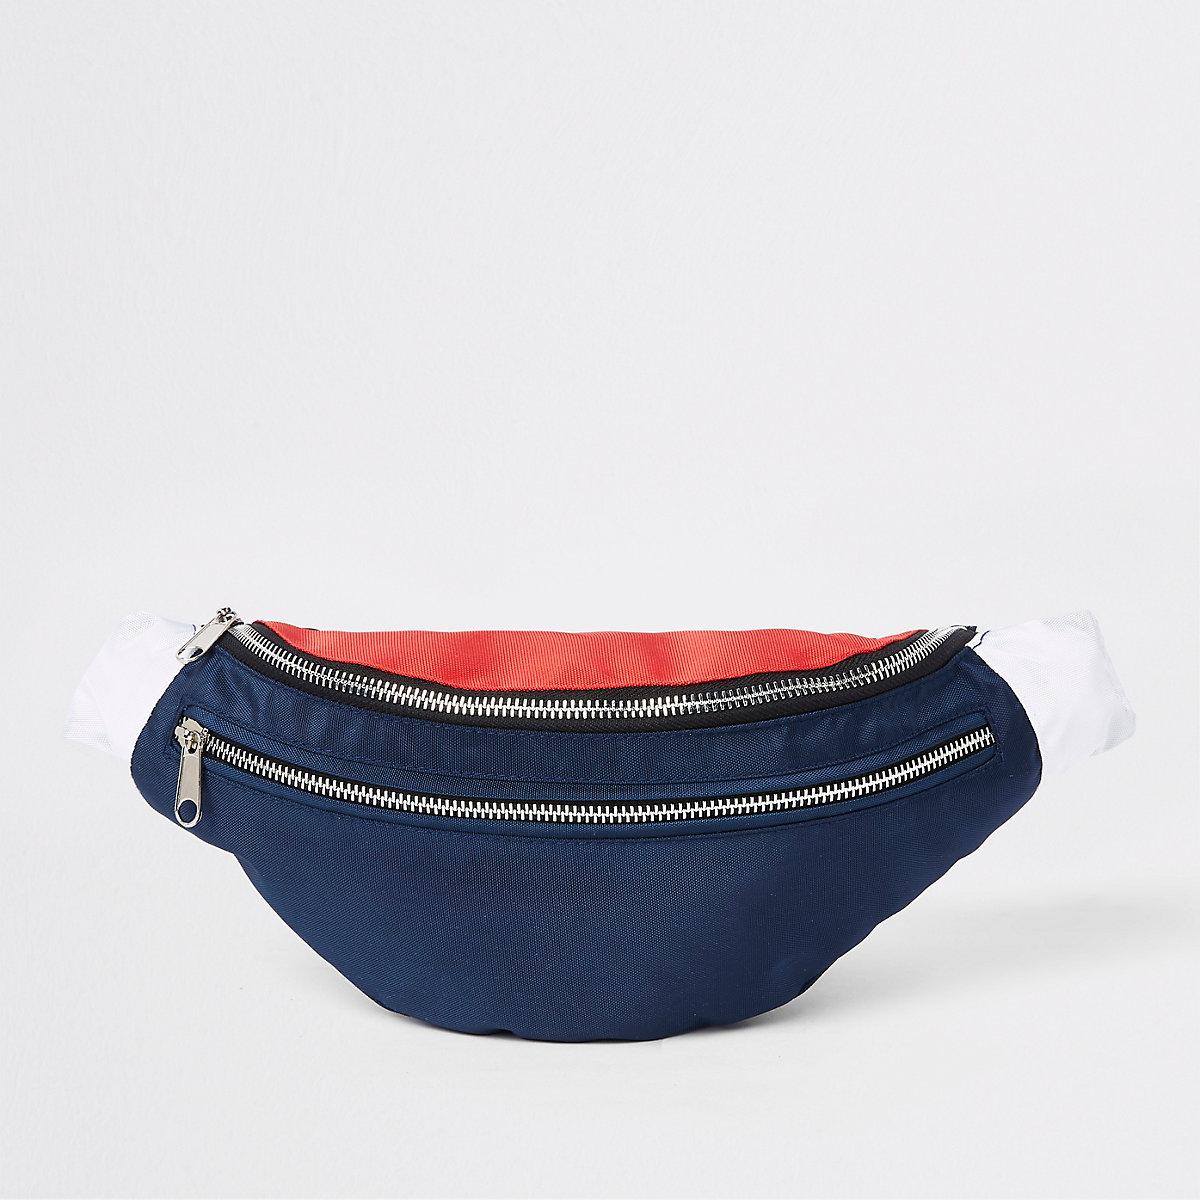 Navy 'Prolific' double zip cross body bag